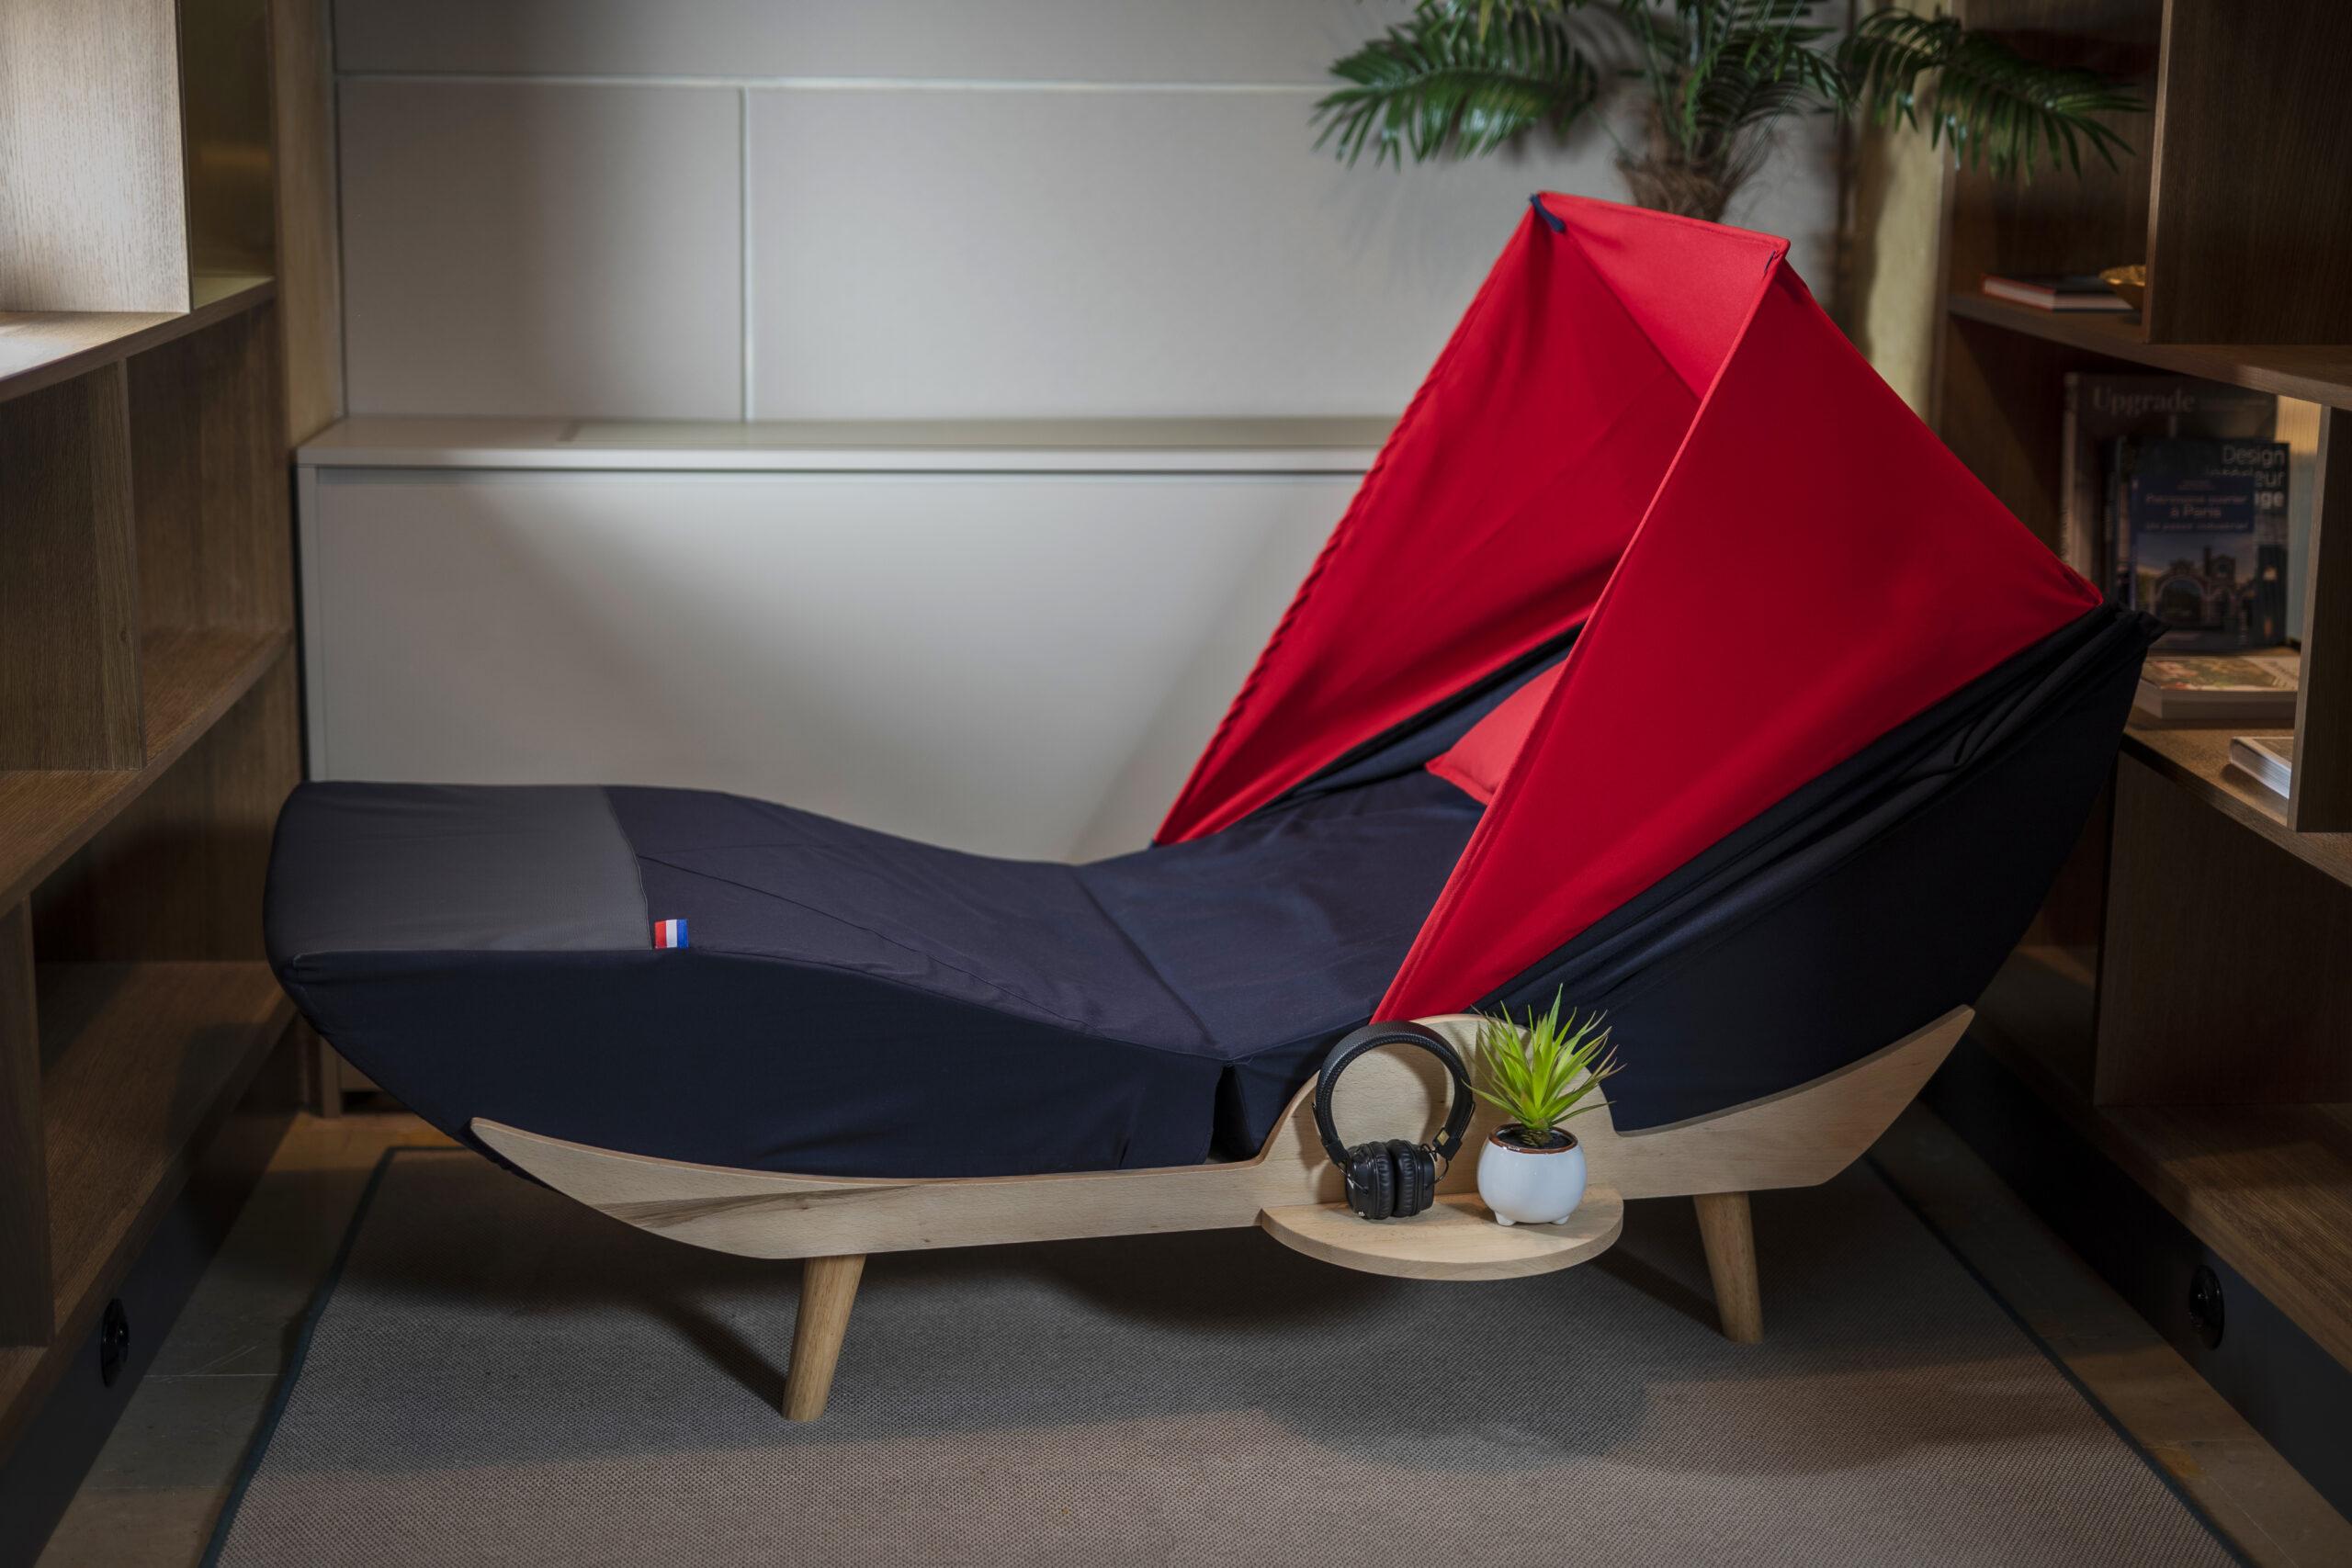 Nouveau Cocon a sieste Nap and Up vu de profil